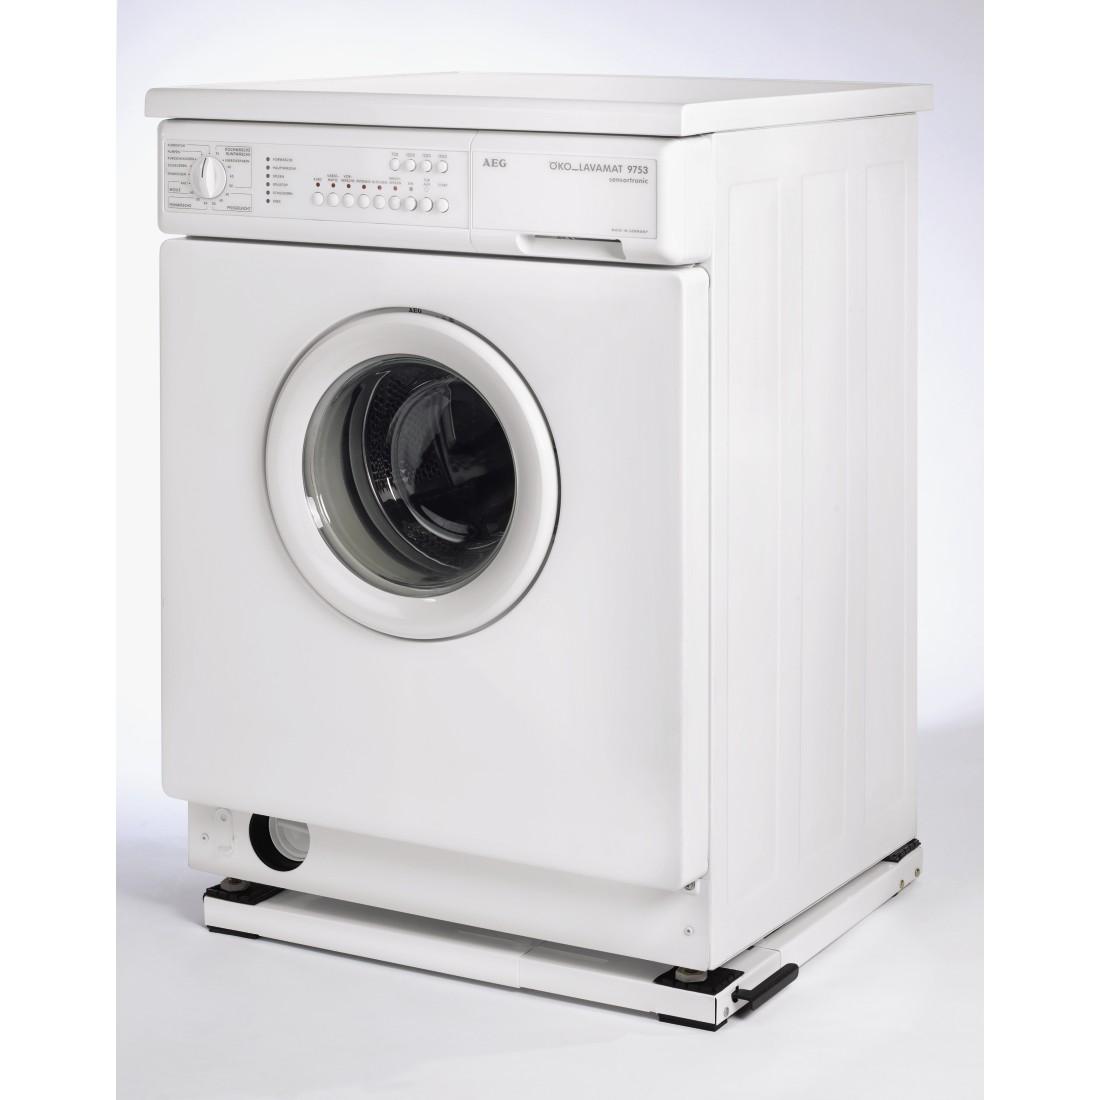 00111361 xavax transportroller f r waschmaschine und trockner xavax die starke. Black Bedroom Furniture Sets. Home Design Ideas